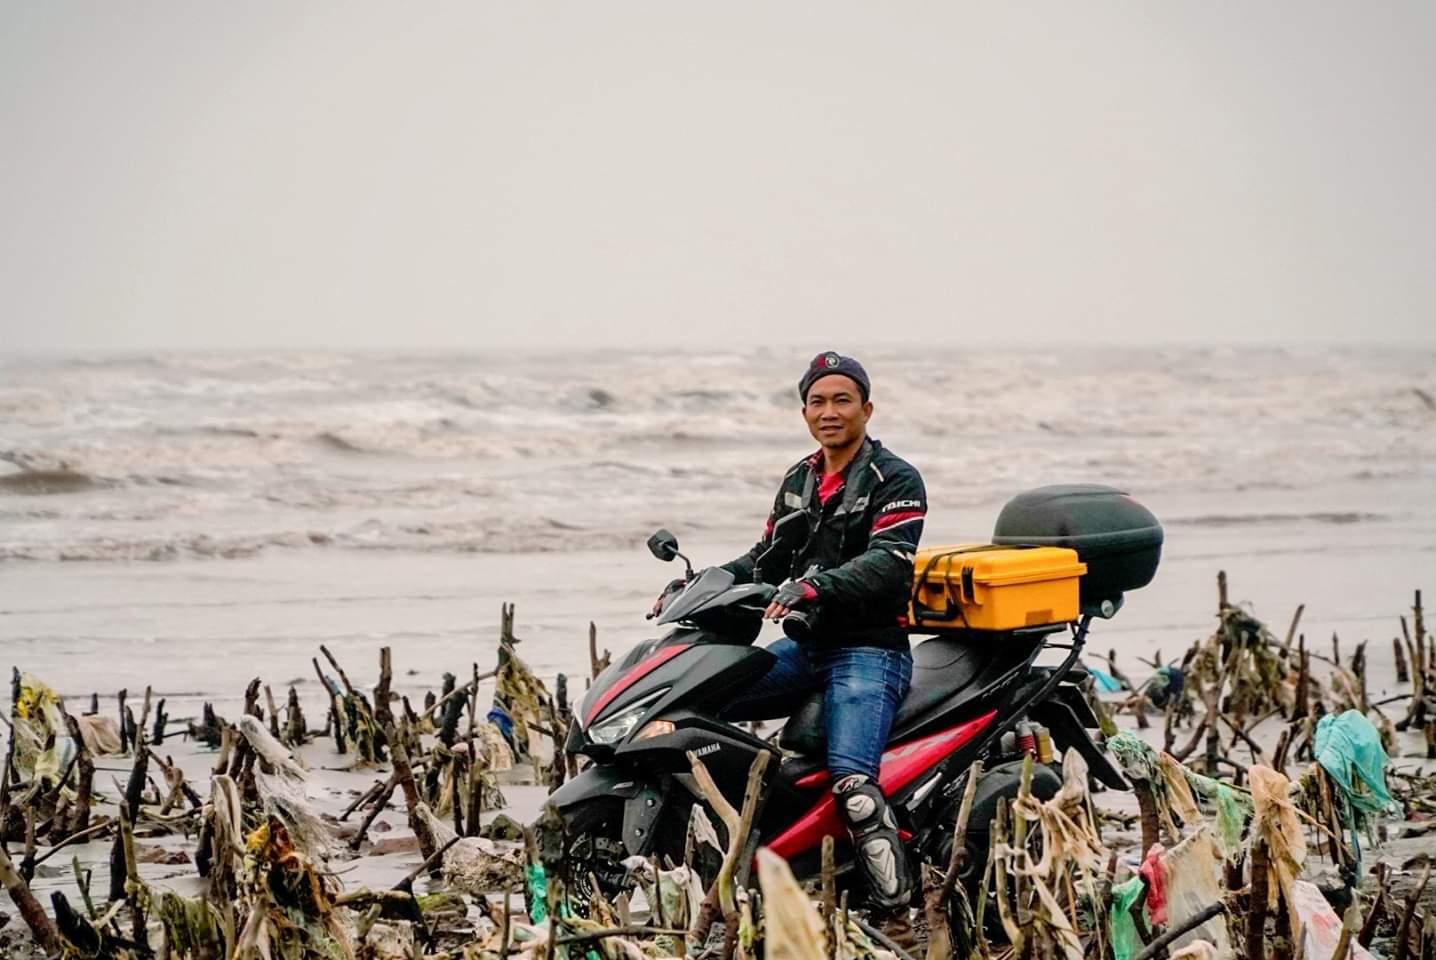 Một mình vượt gần 7000 km bờ biển bằng xe máy, chụp hơn 3000 bức ảnh về rác thải nhựa (28/3/2019)